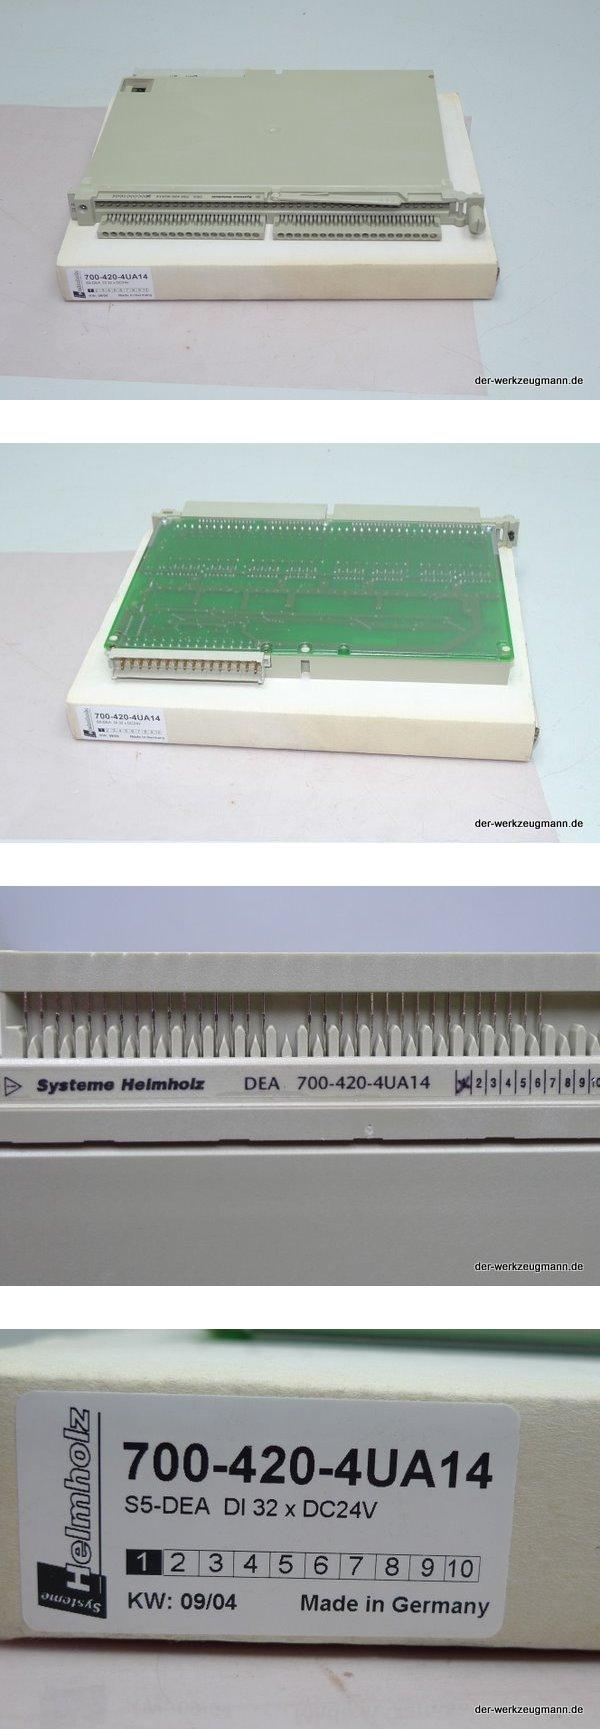 Helmholz SPS Simatic S5 700-420-4UA14 7004204UA14